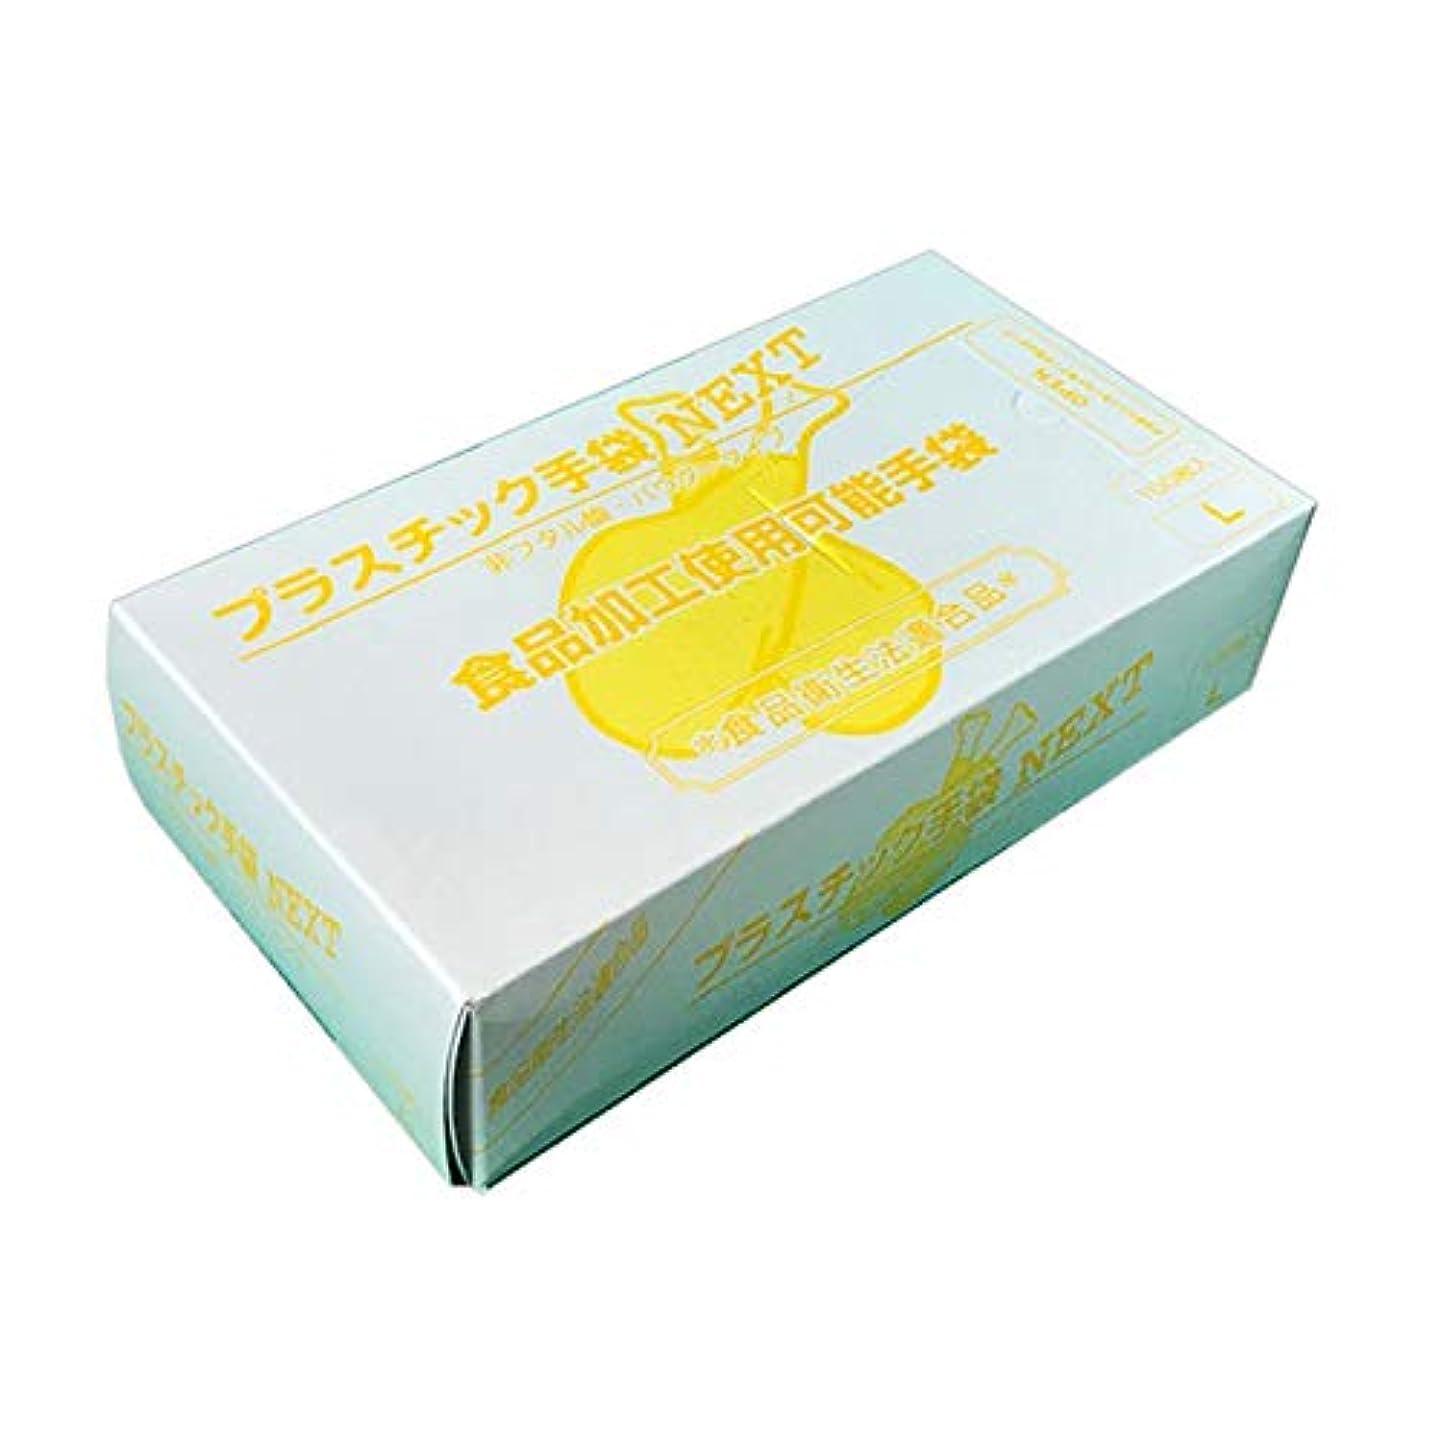 ウサギ懐疑論賠償使い捨て手袋エブノ PVCディスポ手袋 NEXT 粉付 白 100枚X20箱 (Lサイズ)